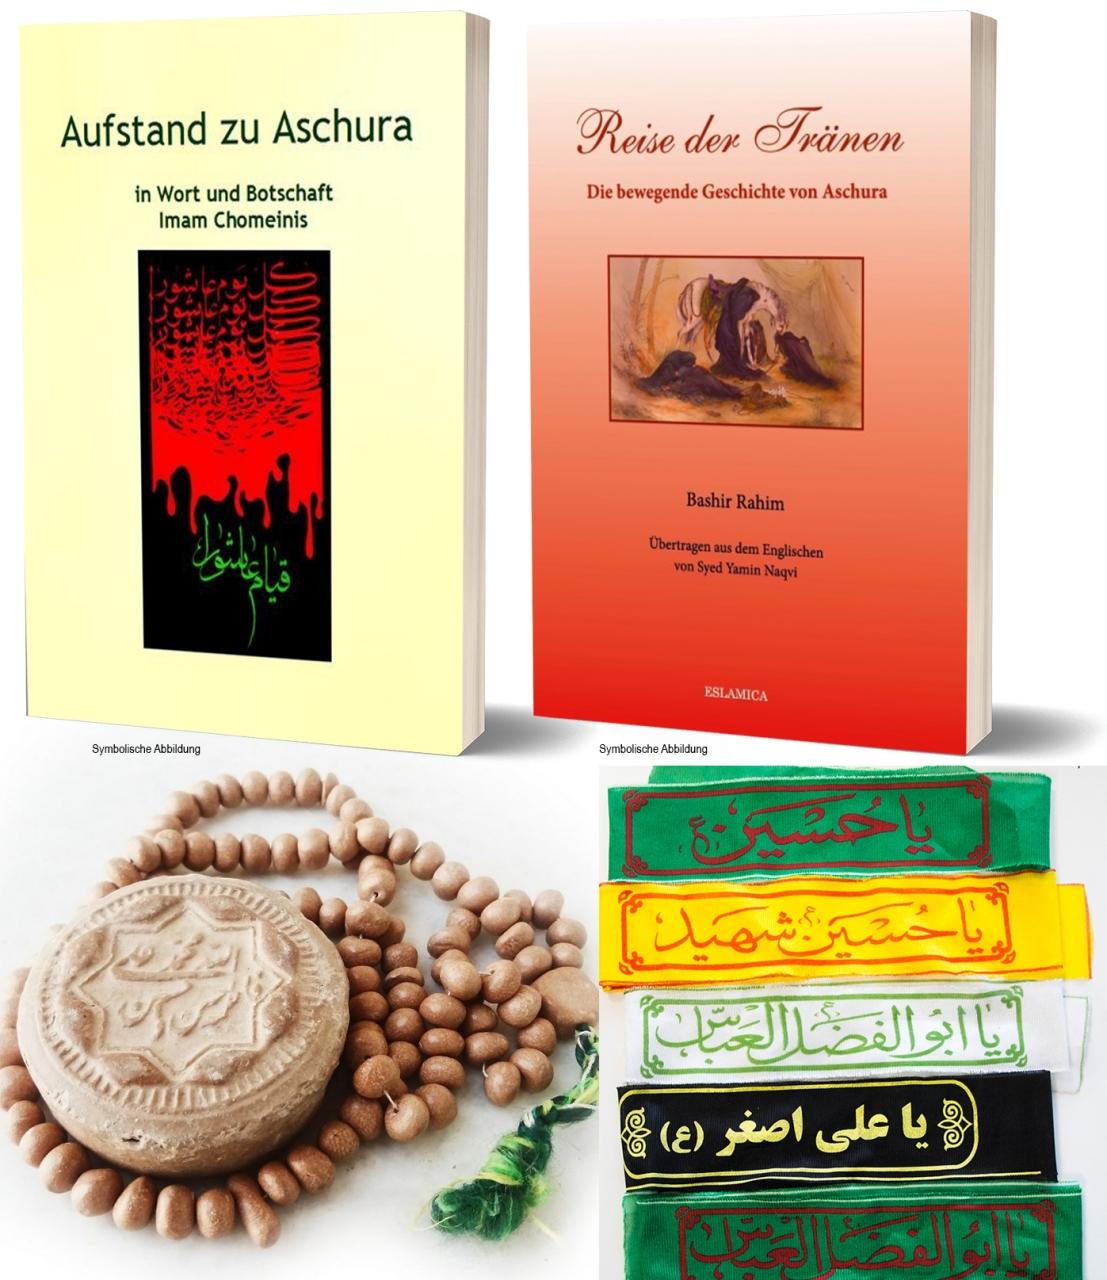 Bücherpaket Ashura - Imam Hussein - Karbalah Islam Buch Deutsch + Tasbih + Gebeststein + Stirnband